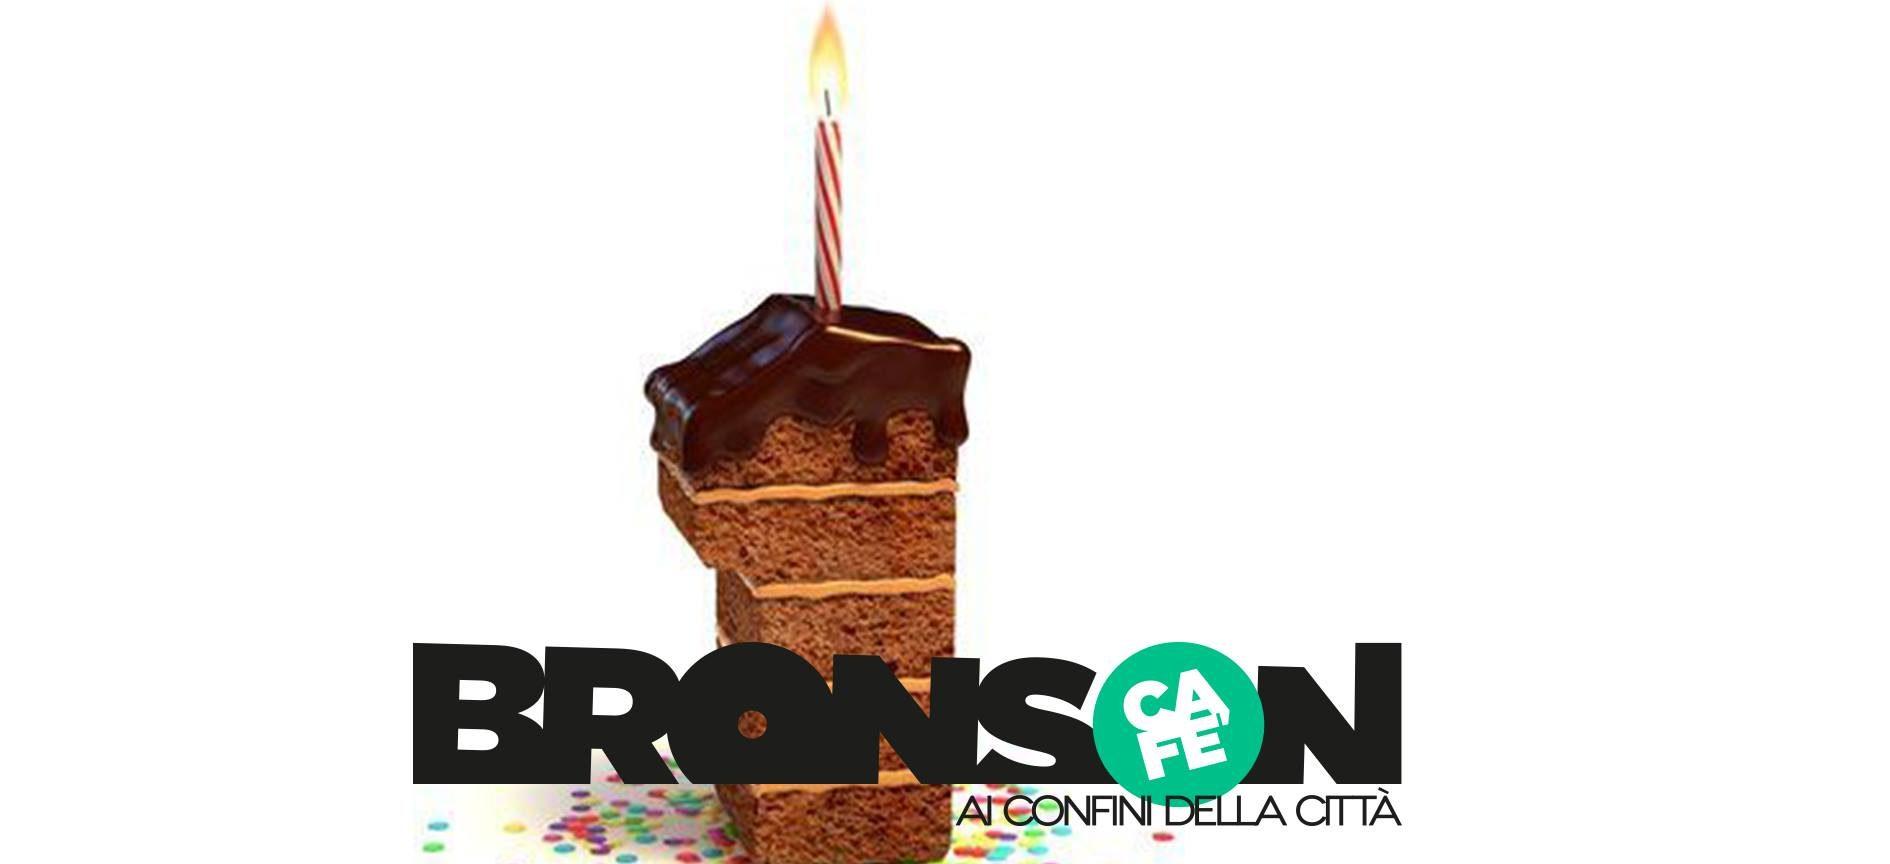 Un anno ai confini della città - Buon compleanno Bronson Café